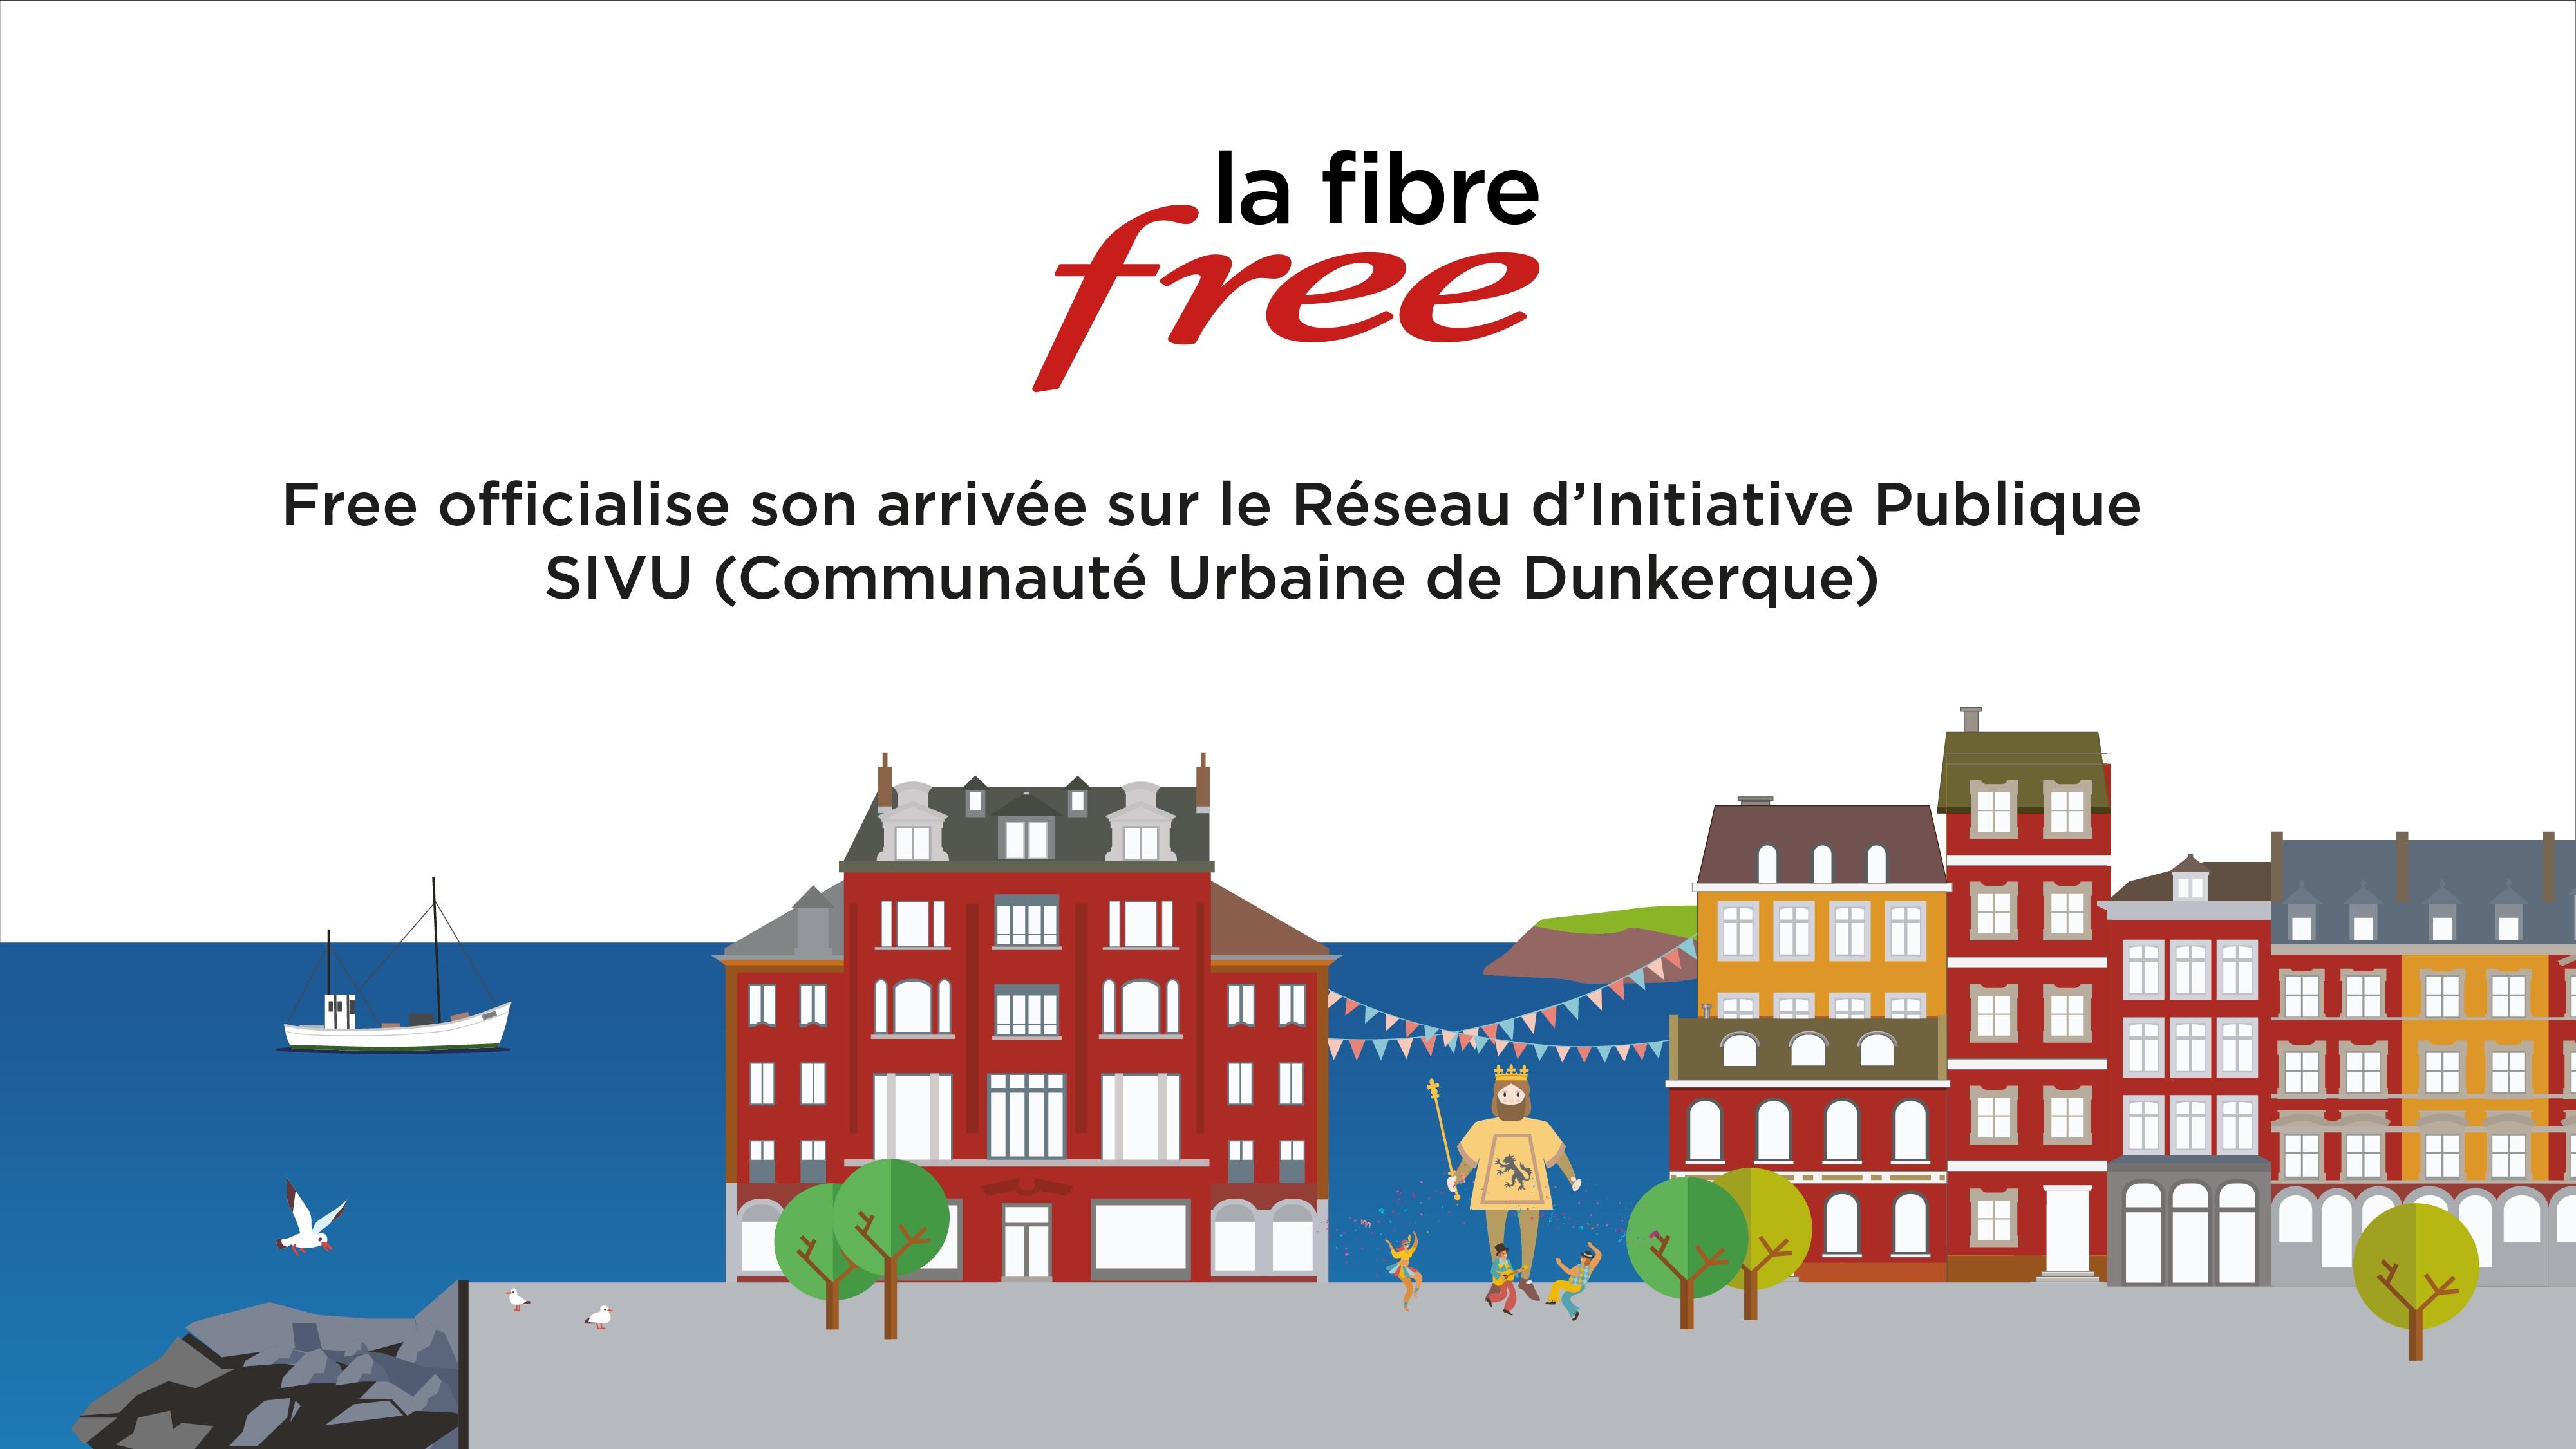 Free officialise son arrivée sur le Réseau d'Initiative Publique SIVU (Communauté urbaine de Dunkerque)